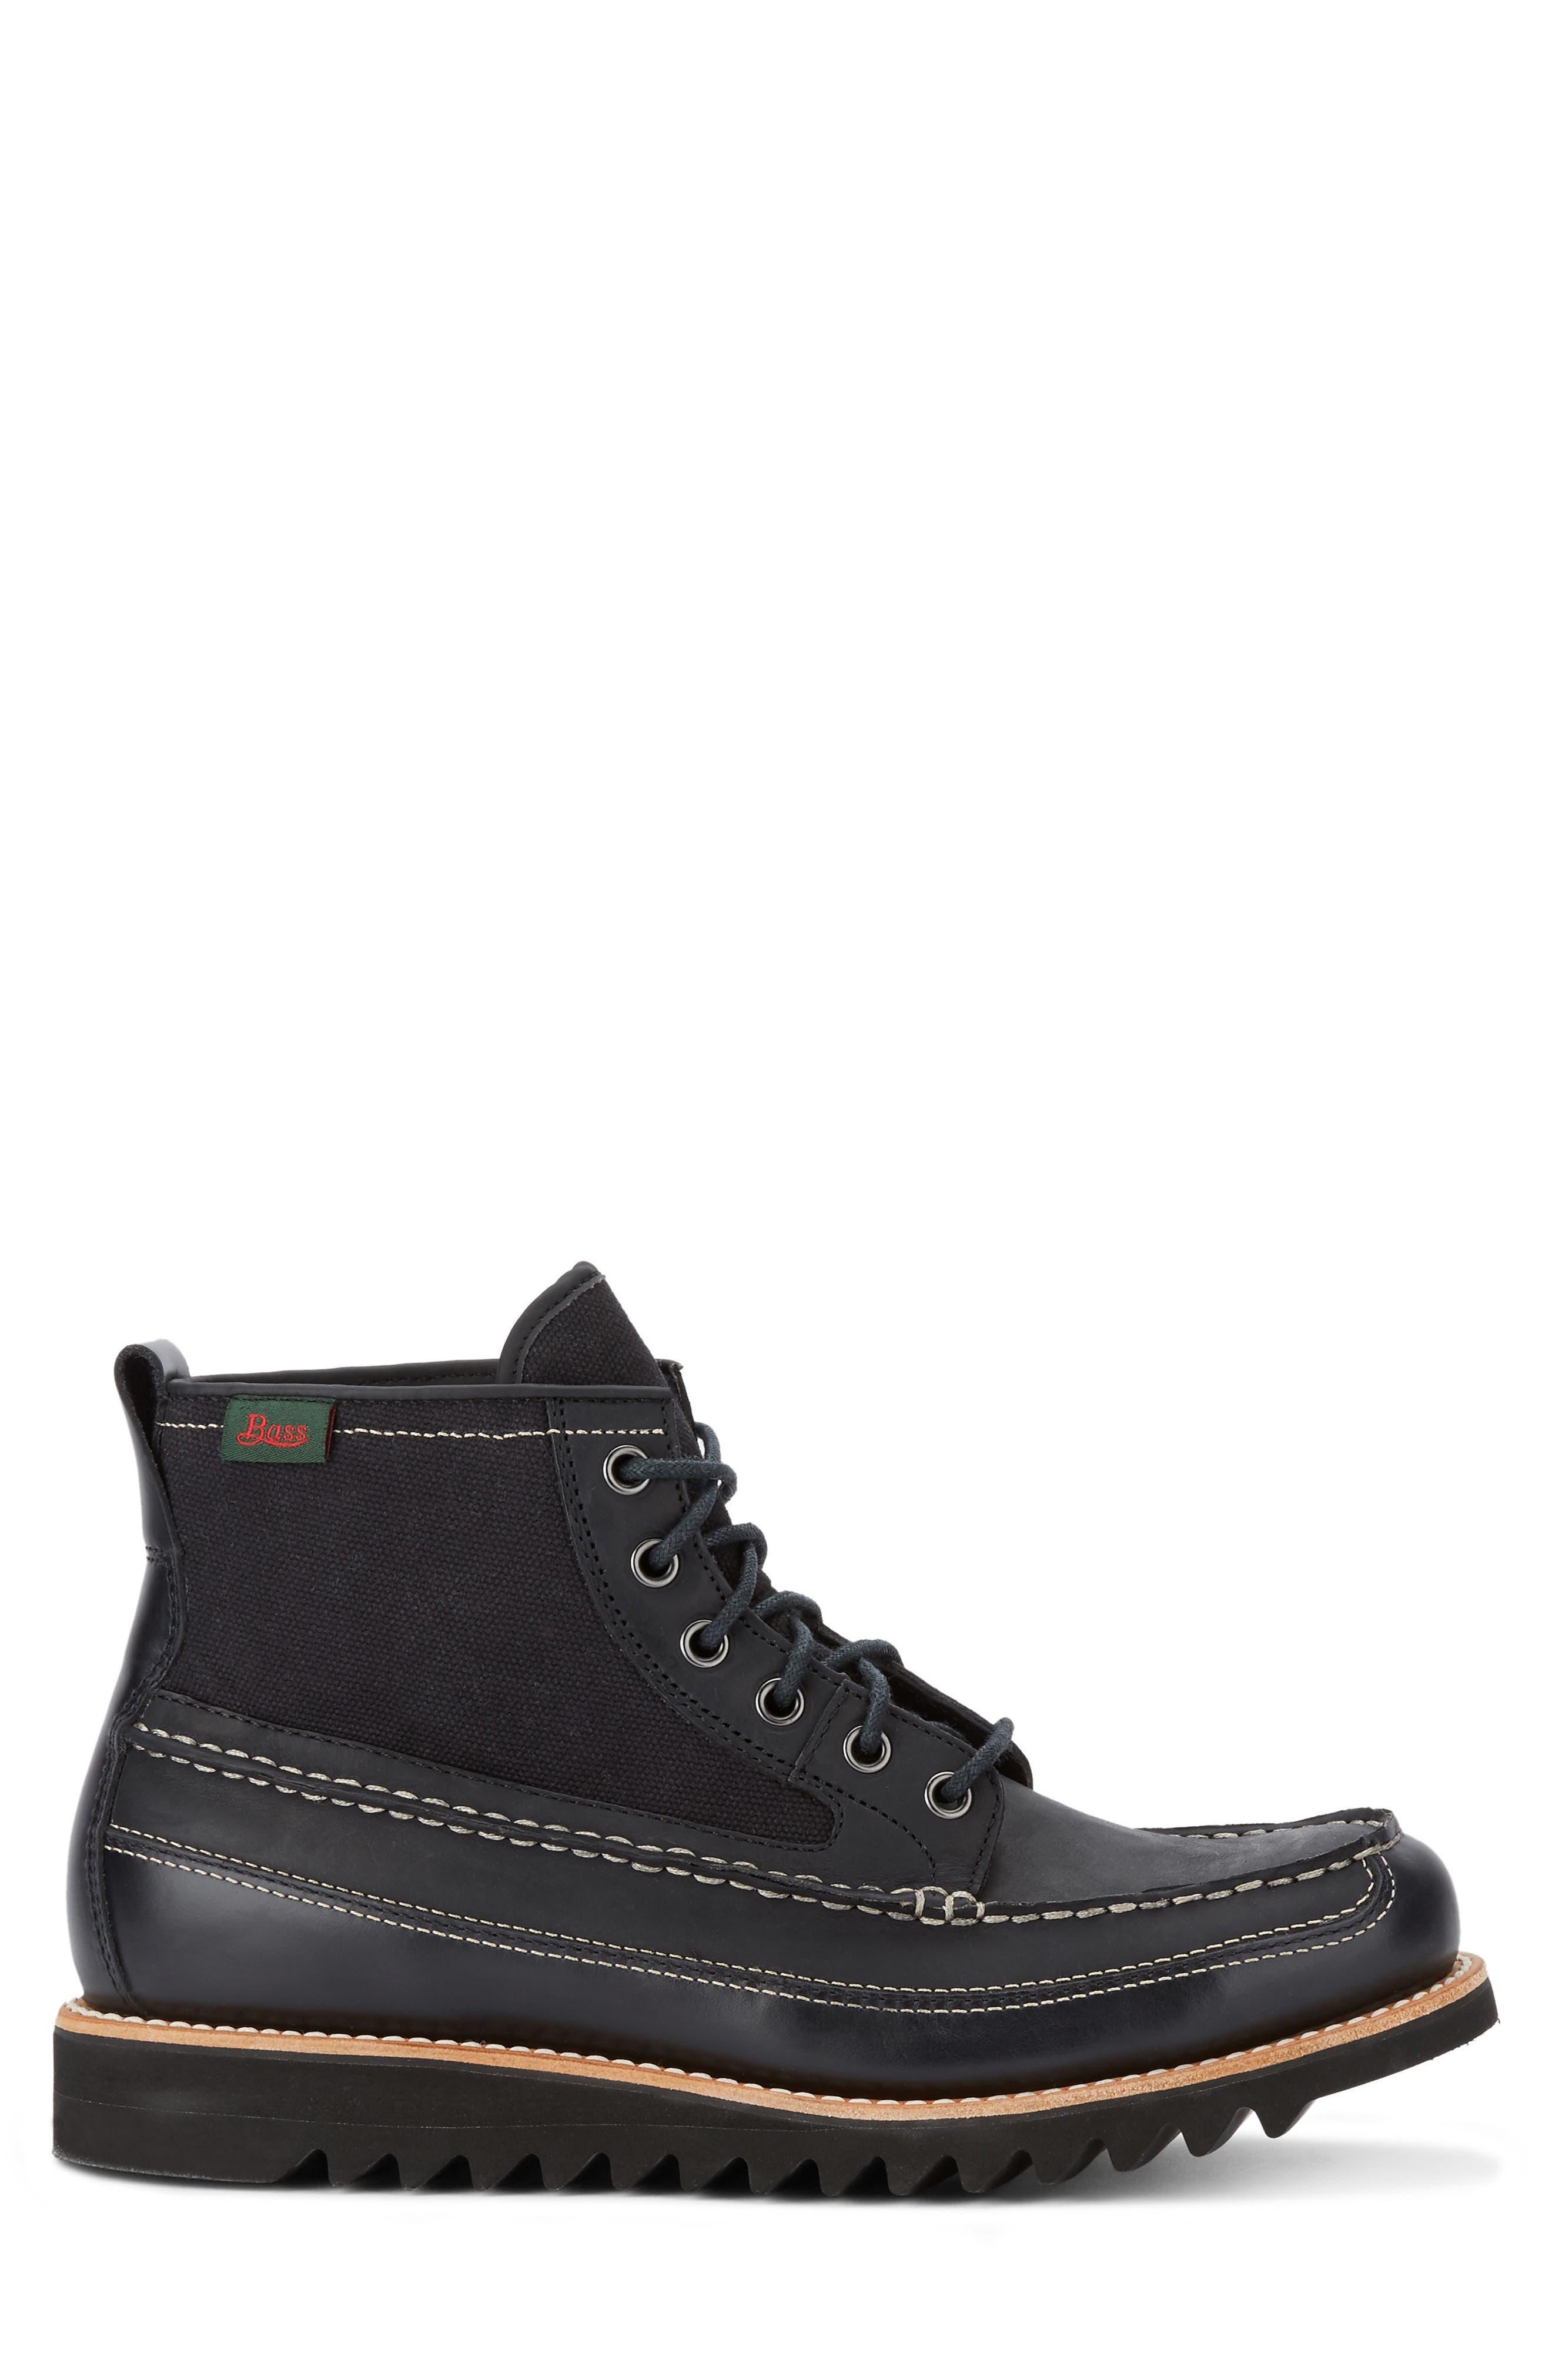 Nickson Razor Moc Toe Boot,                             Alternate thumbnail 3, color,                             Black